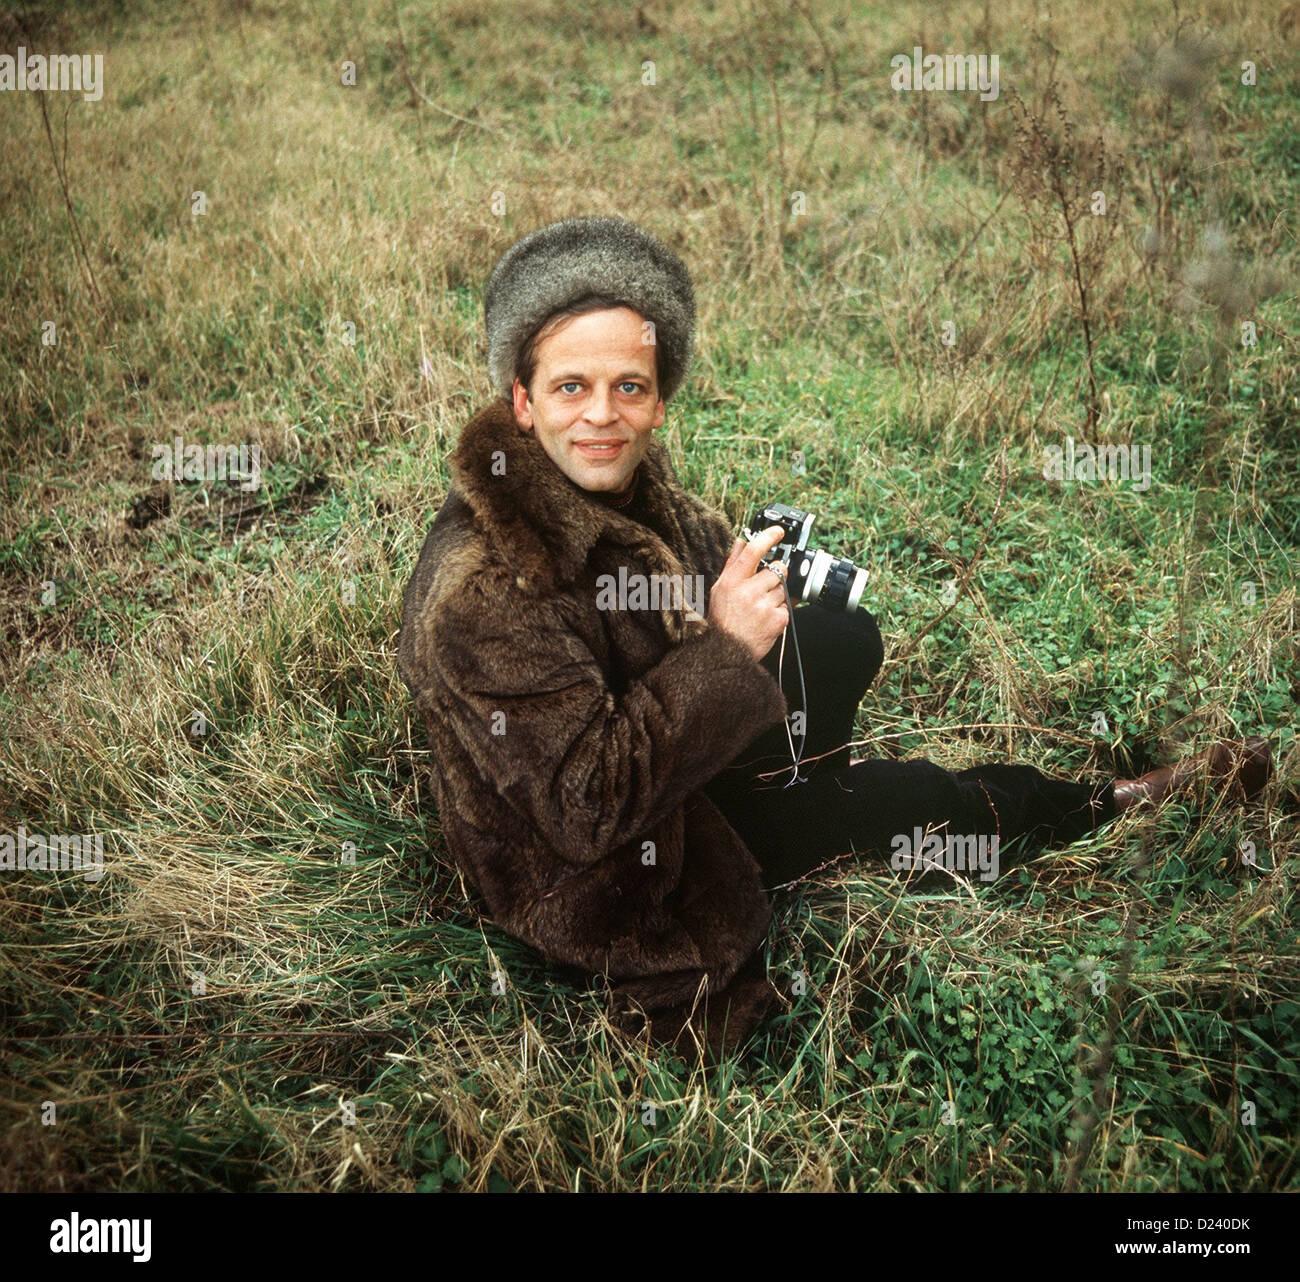 """Los archivos de datos (DPA) - El actor alemán Klaus Kinski se sienta en la hierba, sosteniendo una cámara, el 2 de septiembre de 1969. Un """"enfant terrible"""" de la industria del cine, su filmografía incluye """"Aguirre, der Zorn Gottes' ('Aguirre: La ira de Dios') y 'Nosferatu: Phantom der Nacht' ('Nosferatu el Vampiro""""). Kinski nació el 18 de octubre de 1926 en Zoppot/Danzig, Alemania (ahora Sopot/Gdansk, Polonia) bajo el nombre de Nikolaus Guenther Nakszynski y murió el 23 de noviembre de 1991 en Lagunitas, California de un ataque al corazón. Foto de stock"""